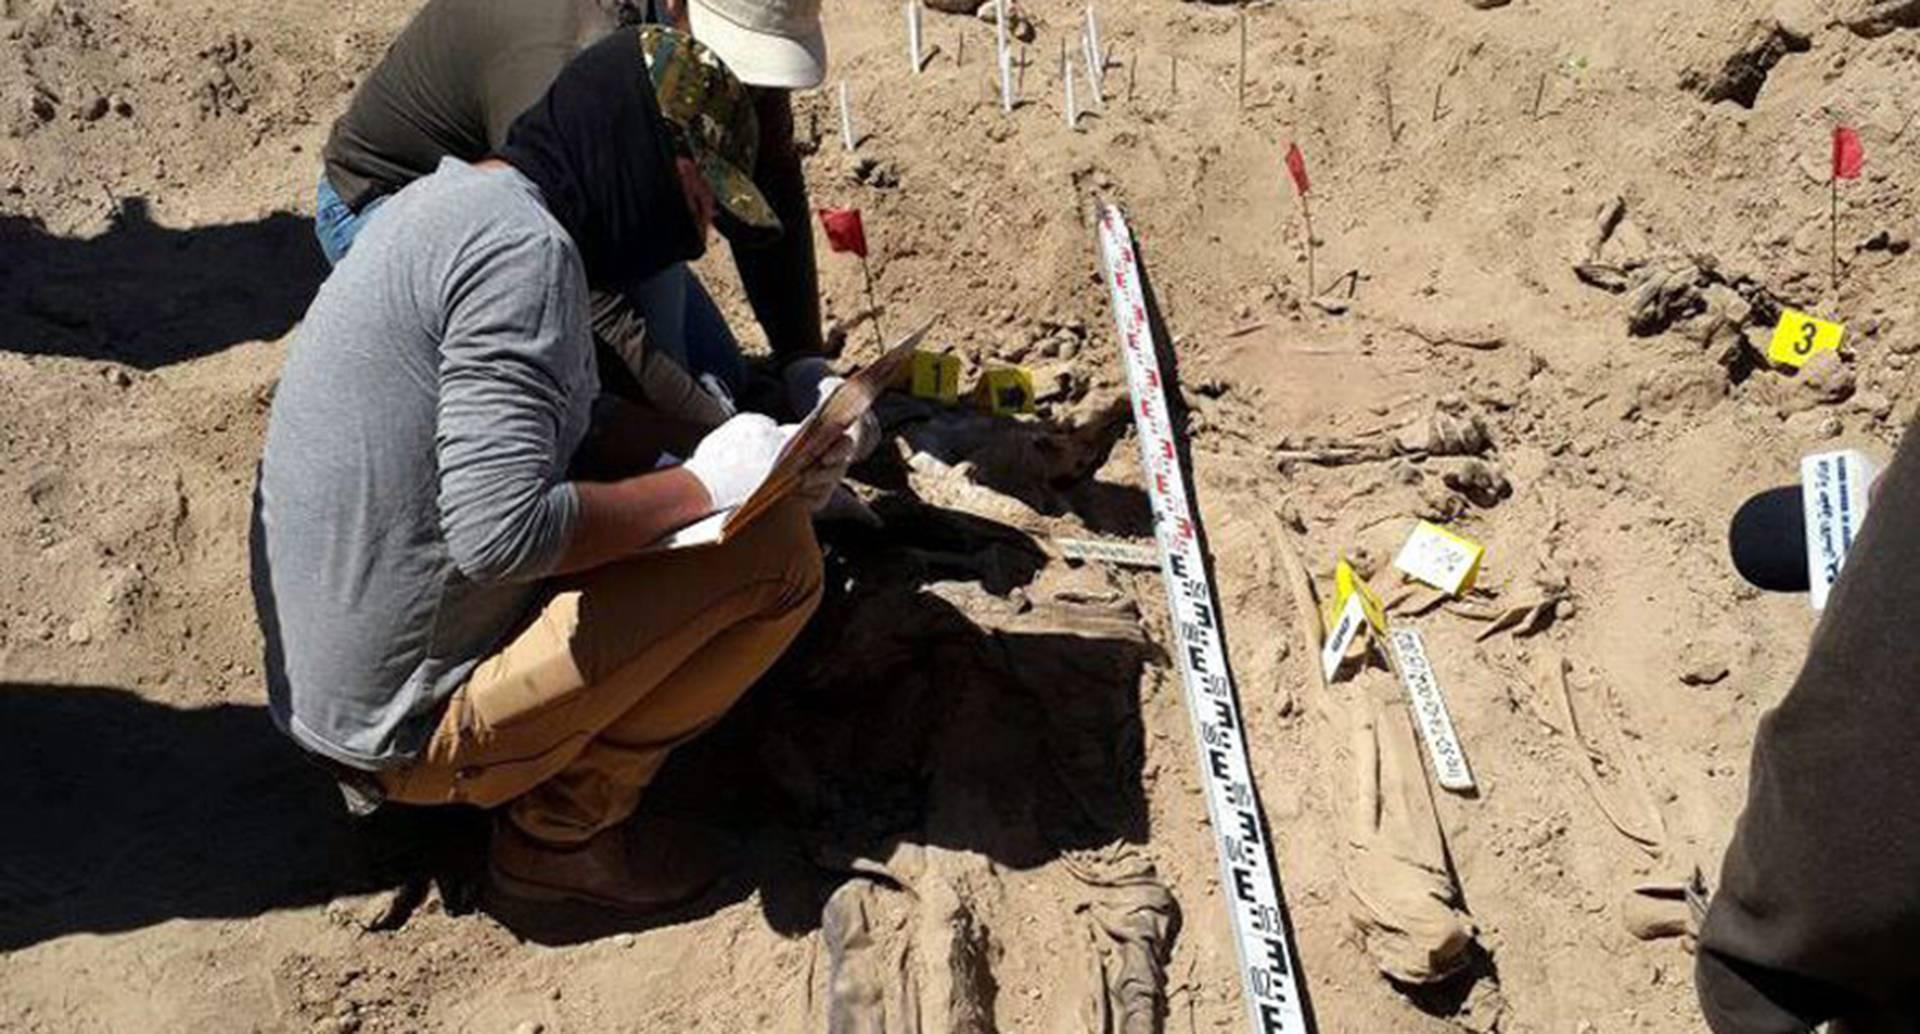 Forenses examinan restos humanos descubiertos en lo que se cree es una fosa común con cuerpos de soldados iraquíes asesinados por el Estado Islamico, en Tikrit, Irak. (Efe)